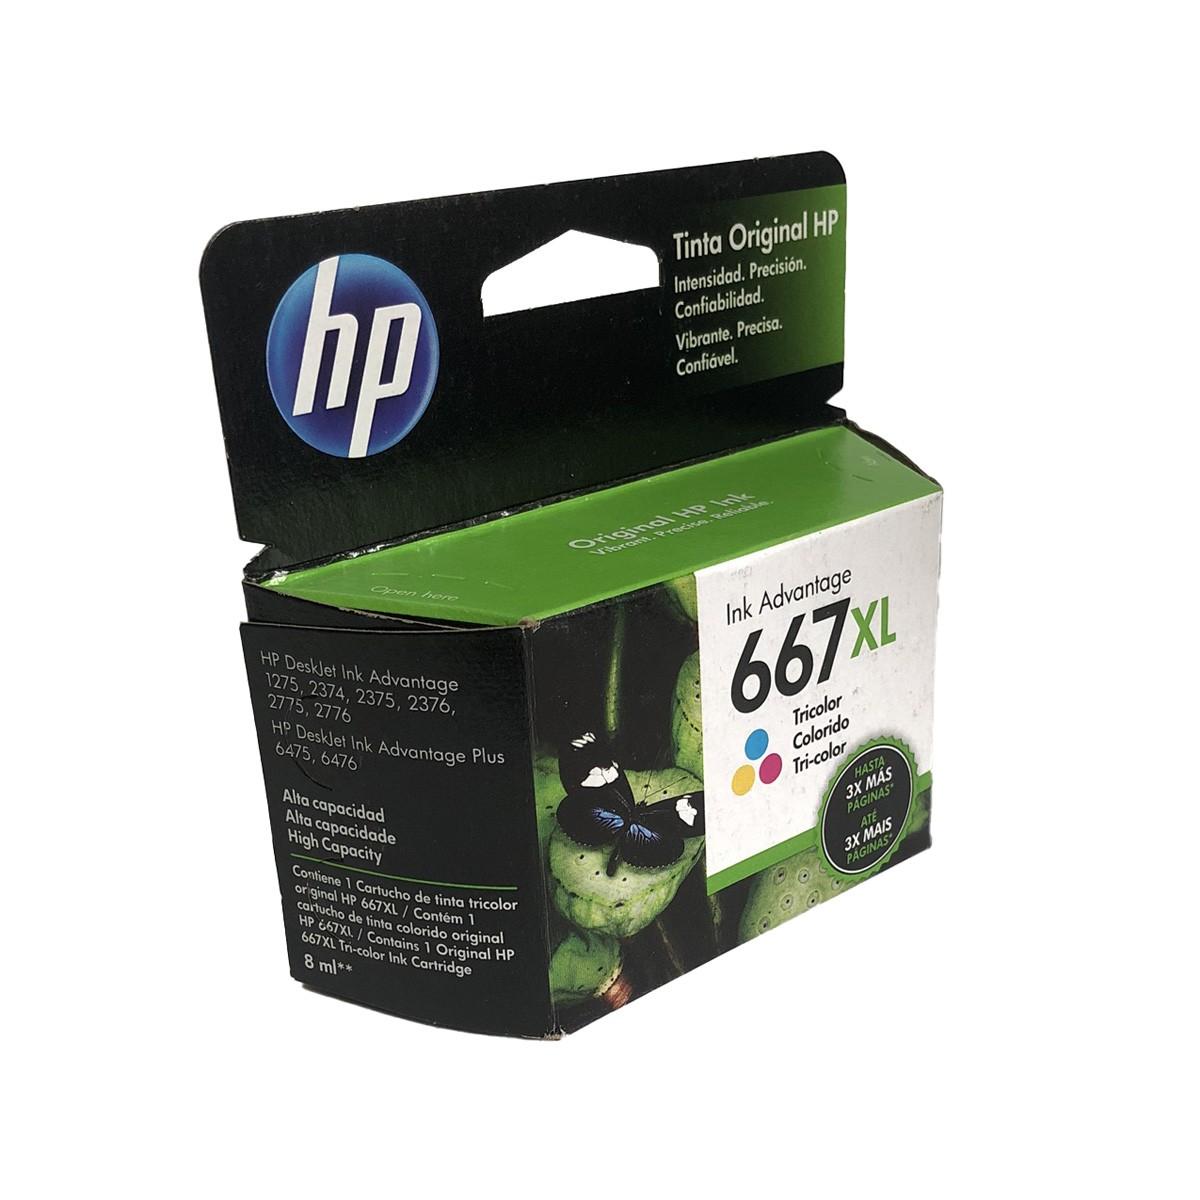 Cartucho HP 667XL 3YM80AL Colorido  Alto rendimento para 2376 2775 2776 6475 6476